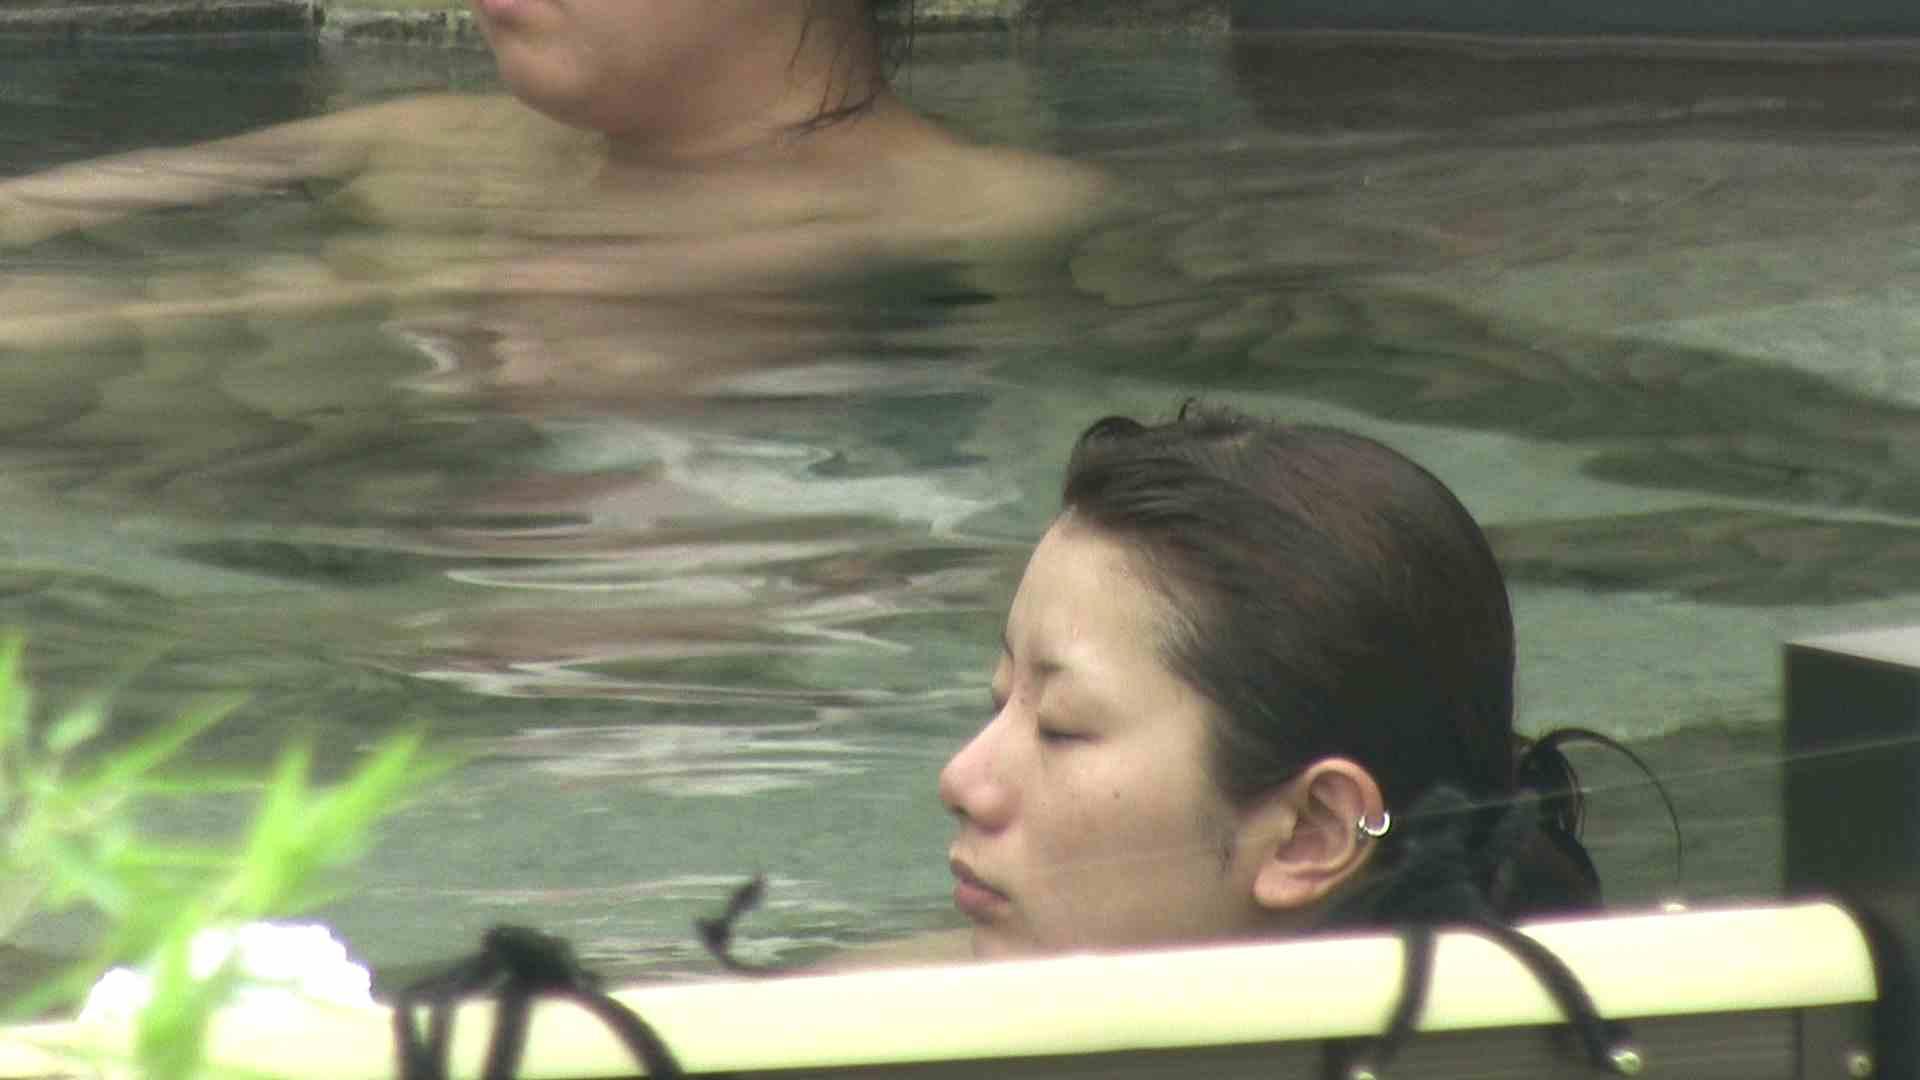 Aquaな露天風呂Vol.19【VIP】 美しいOLの裸体   盗撮師作品  106pic 55